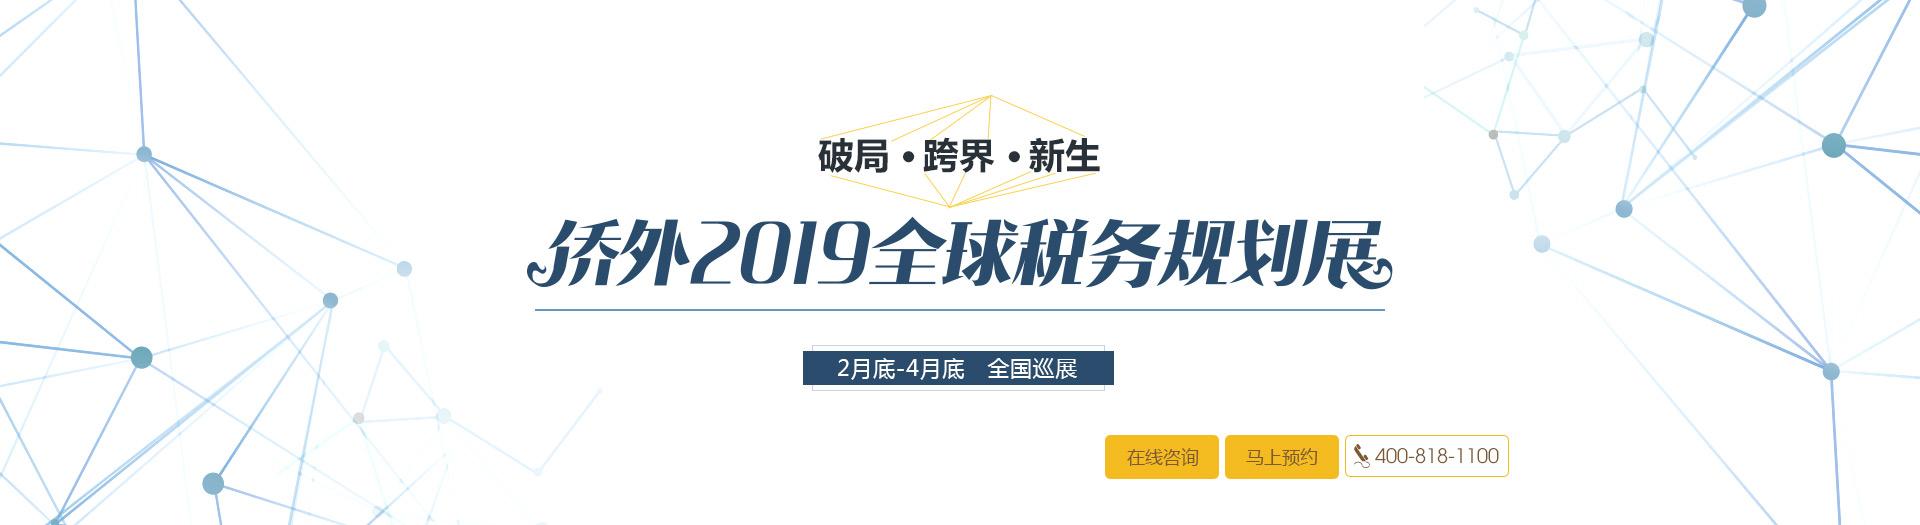 侨外2019全球税务规划展